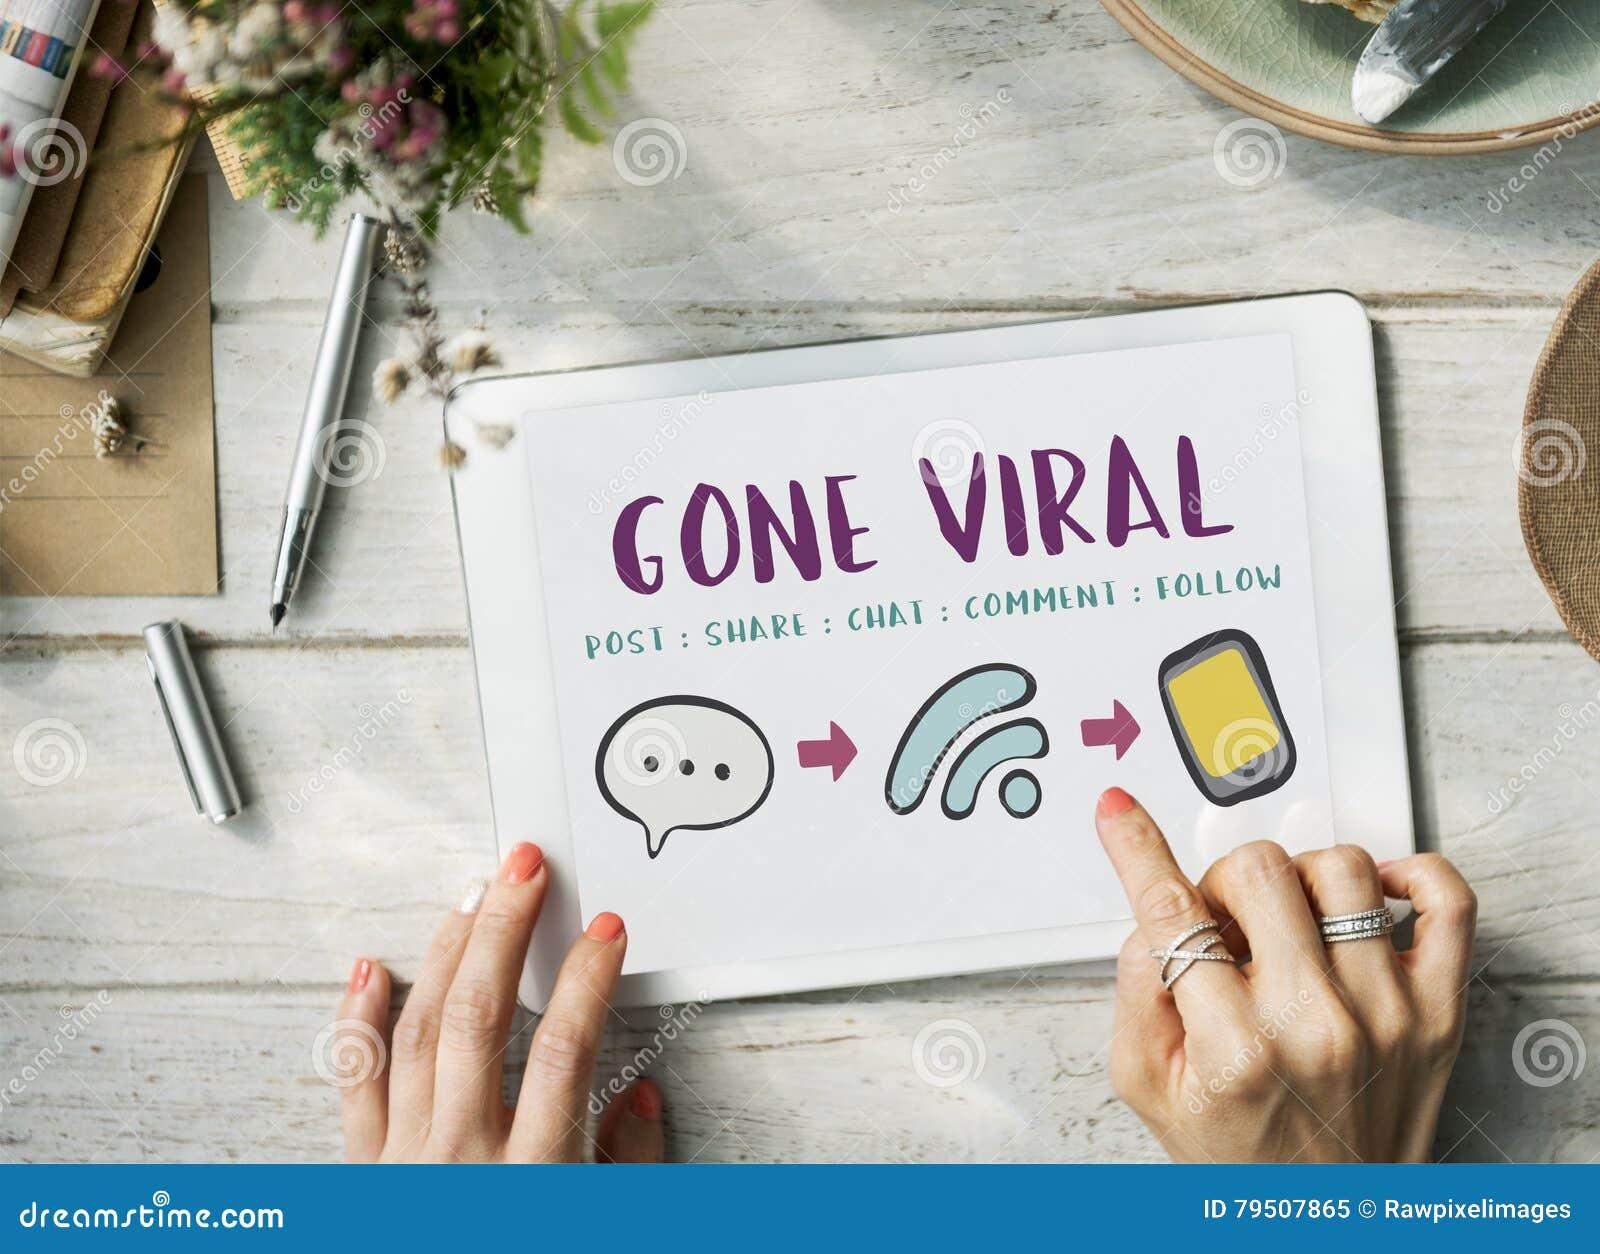 Det sociala massmedia som knyter kontakt online-kommunikation, förbinder begrepp